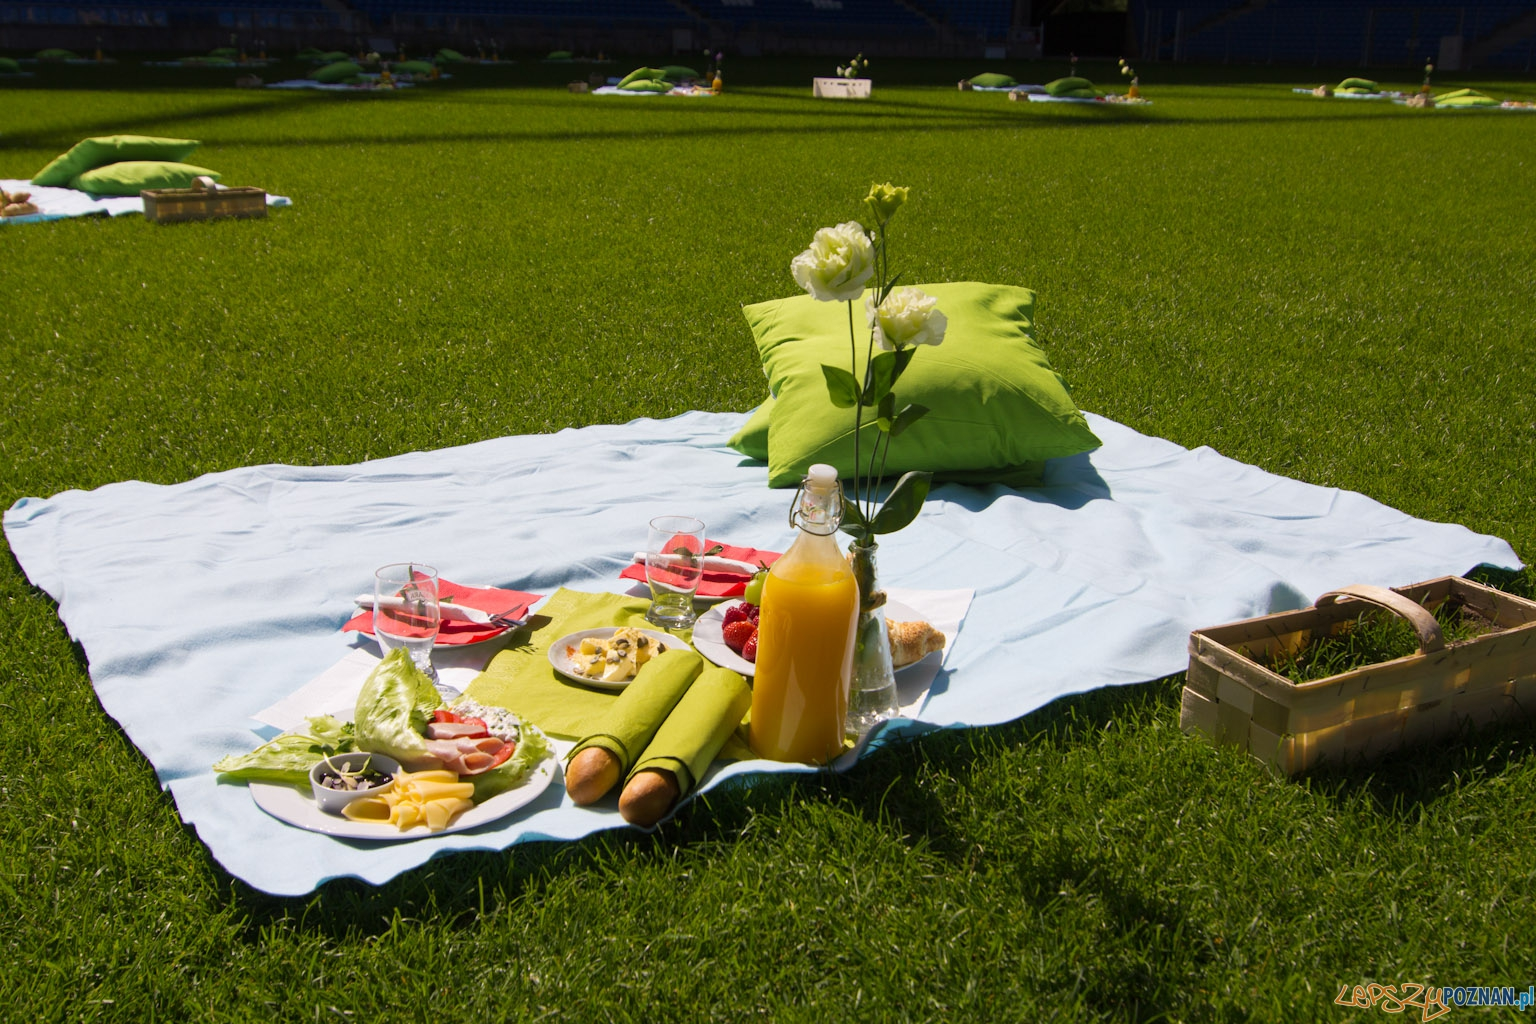 Śniadanie na Stadionie Miejskim 17.07.2011 r.  Foto: lepszyPOZNAN.pl / Piotr Rychter